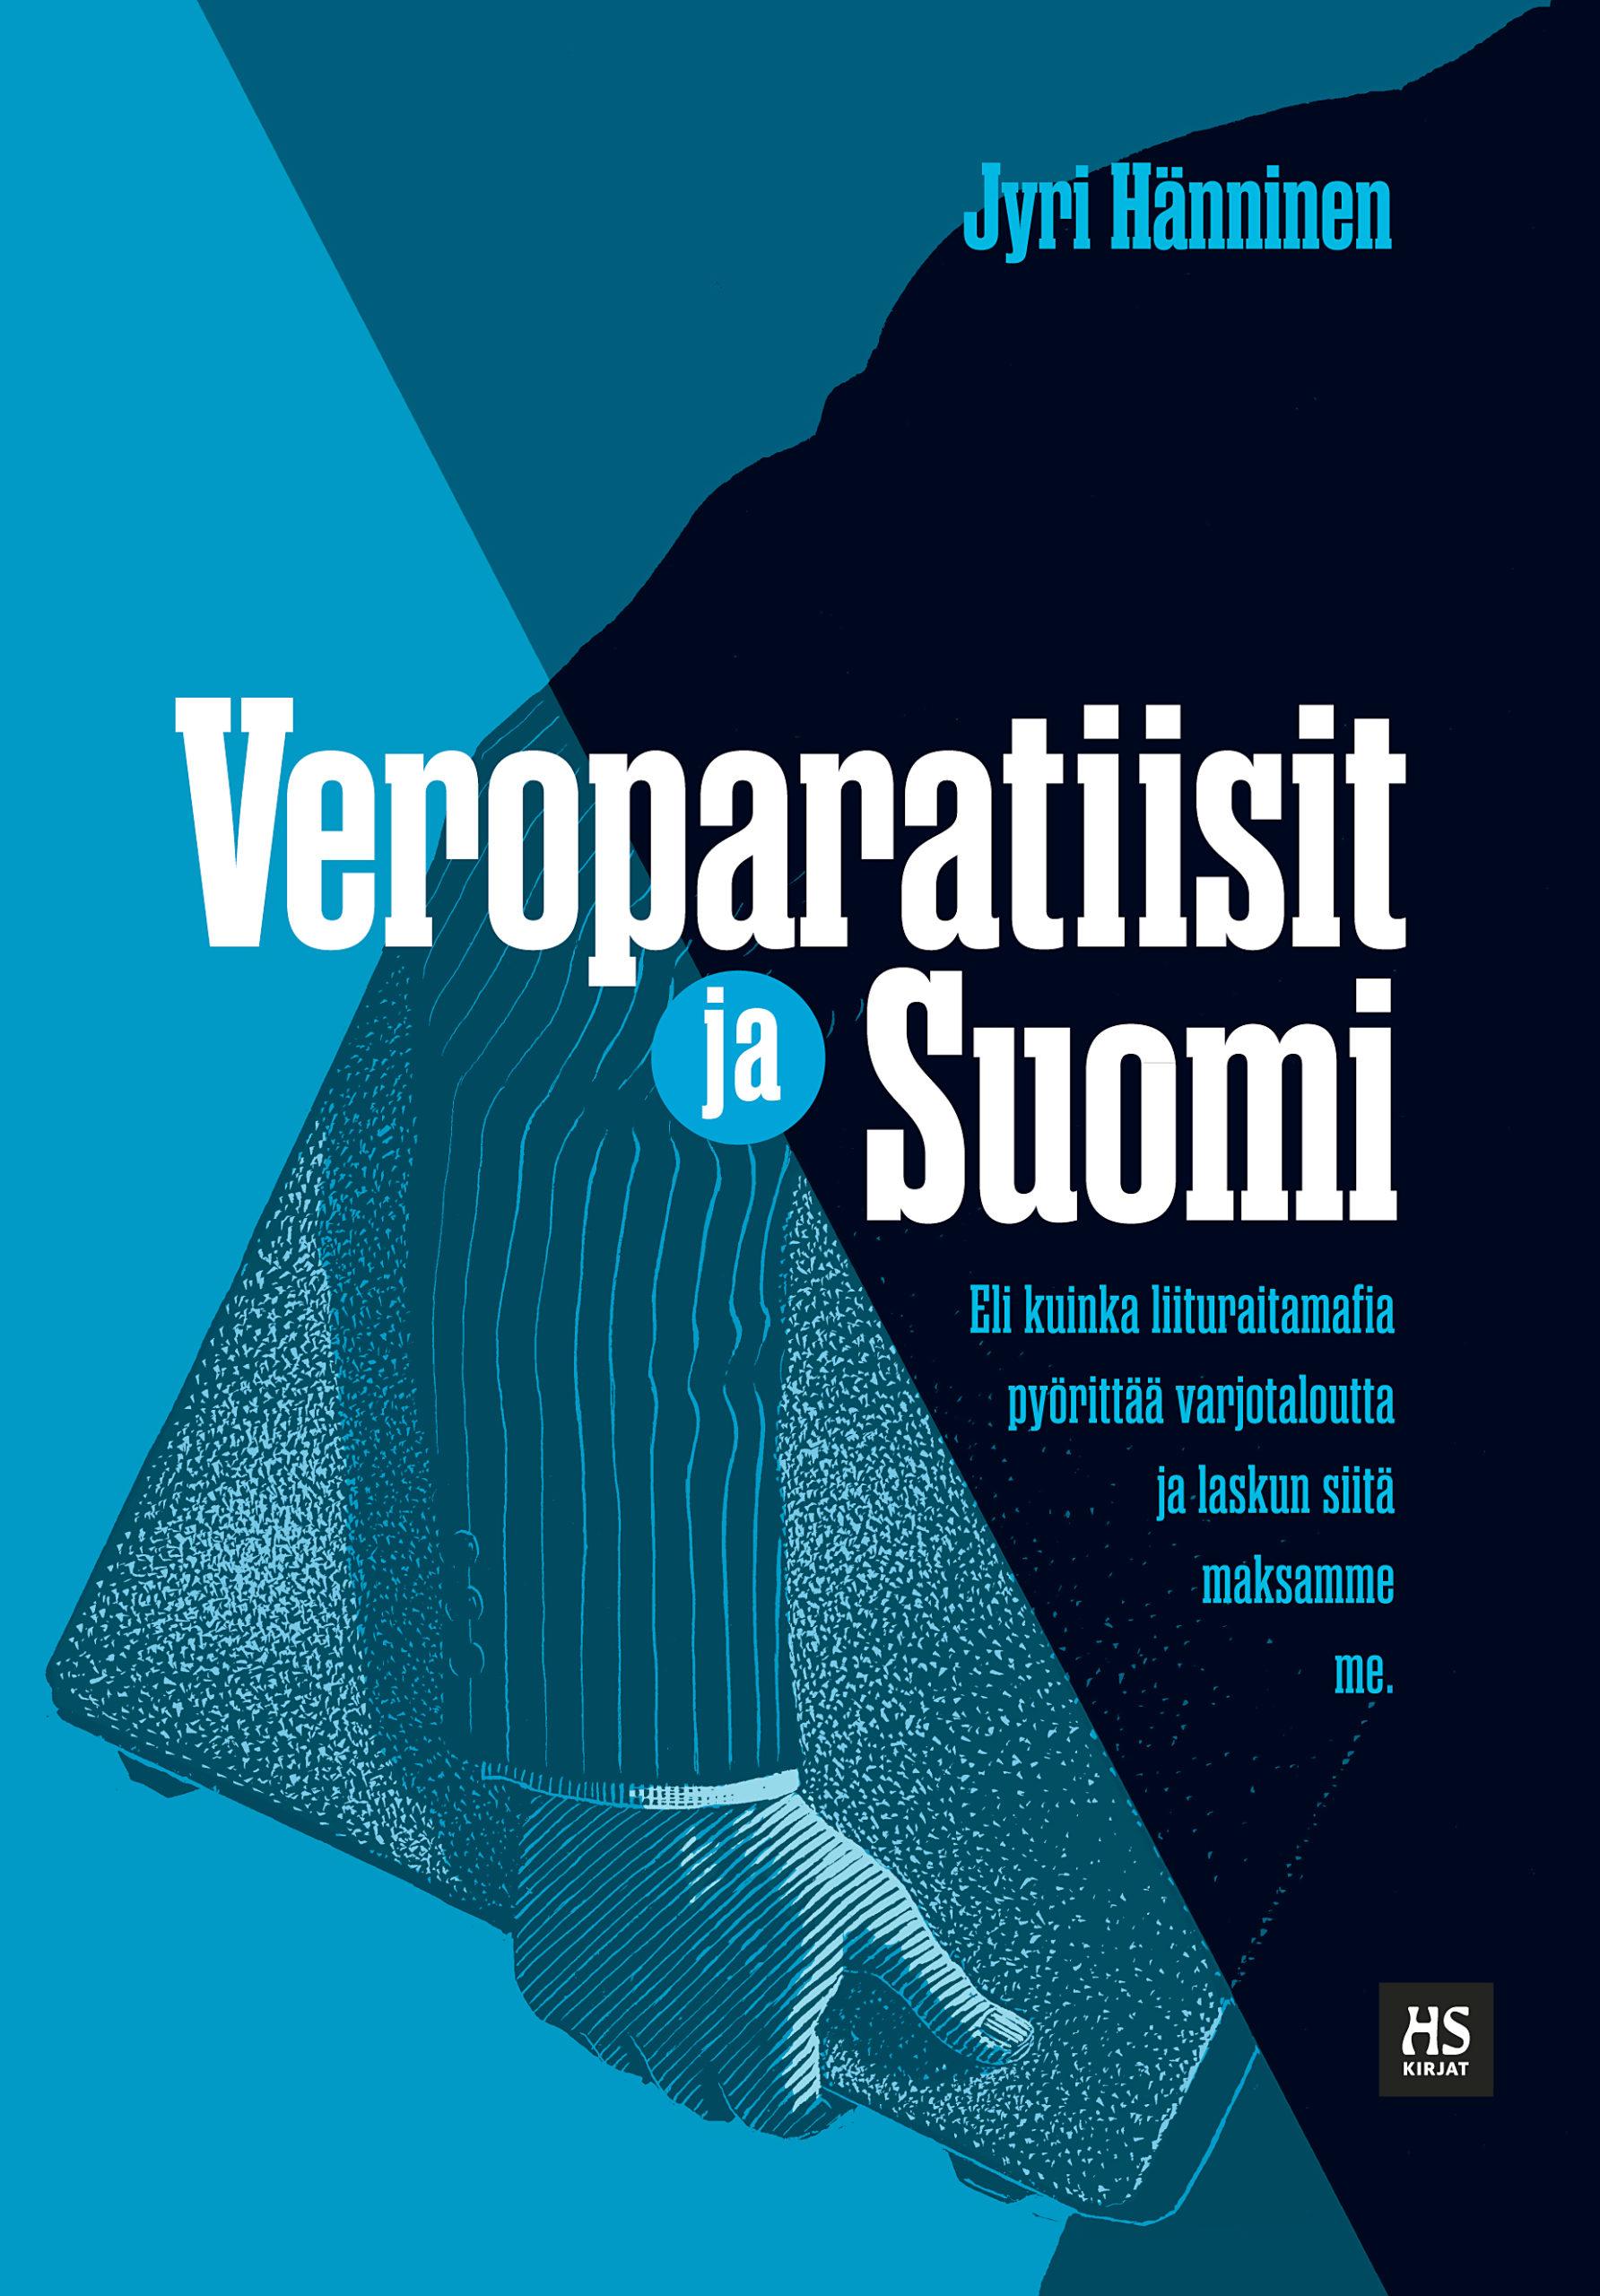 Jyri Hänninen: Veroparatiisit ja Suomi. HS Kirjat 2014, 220 s.